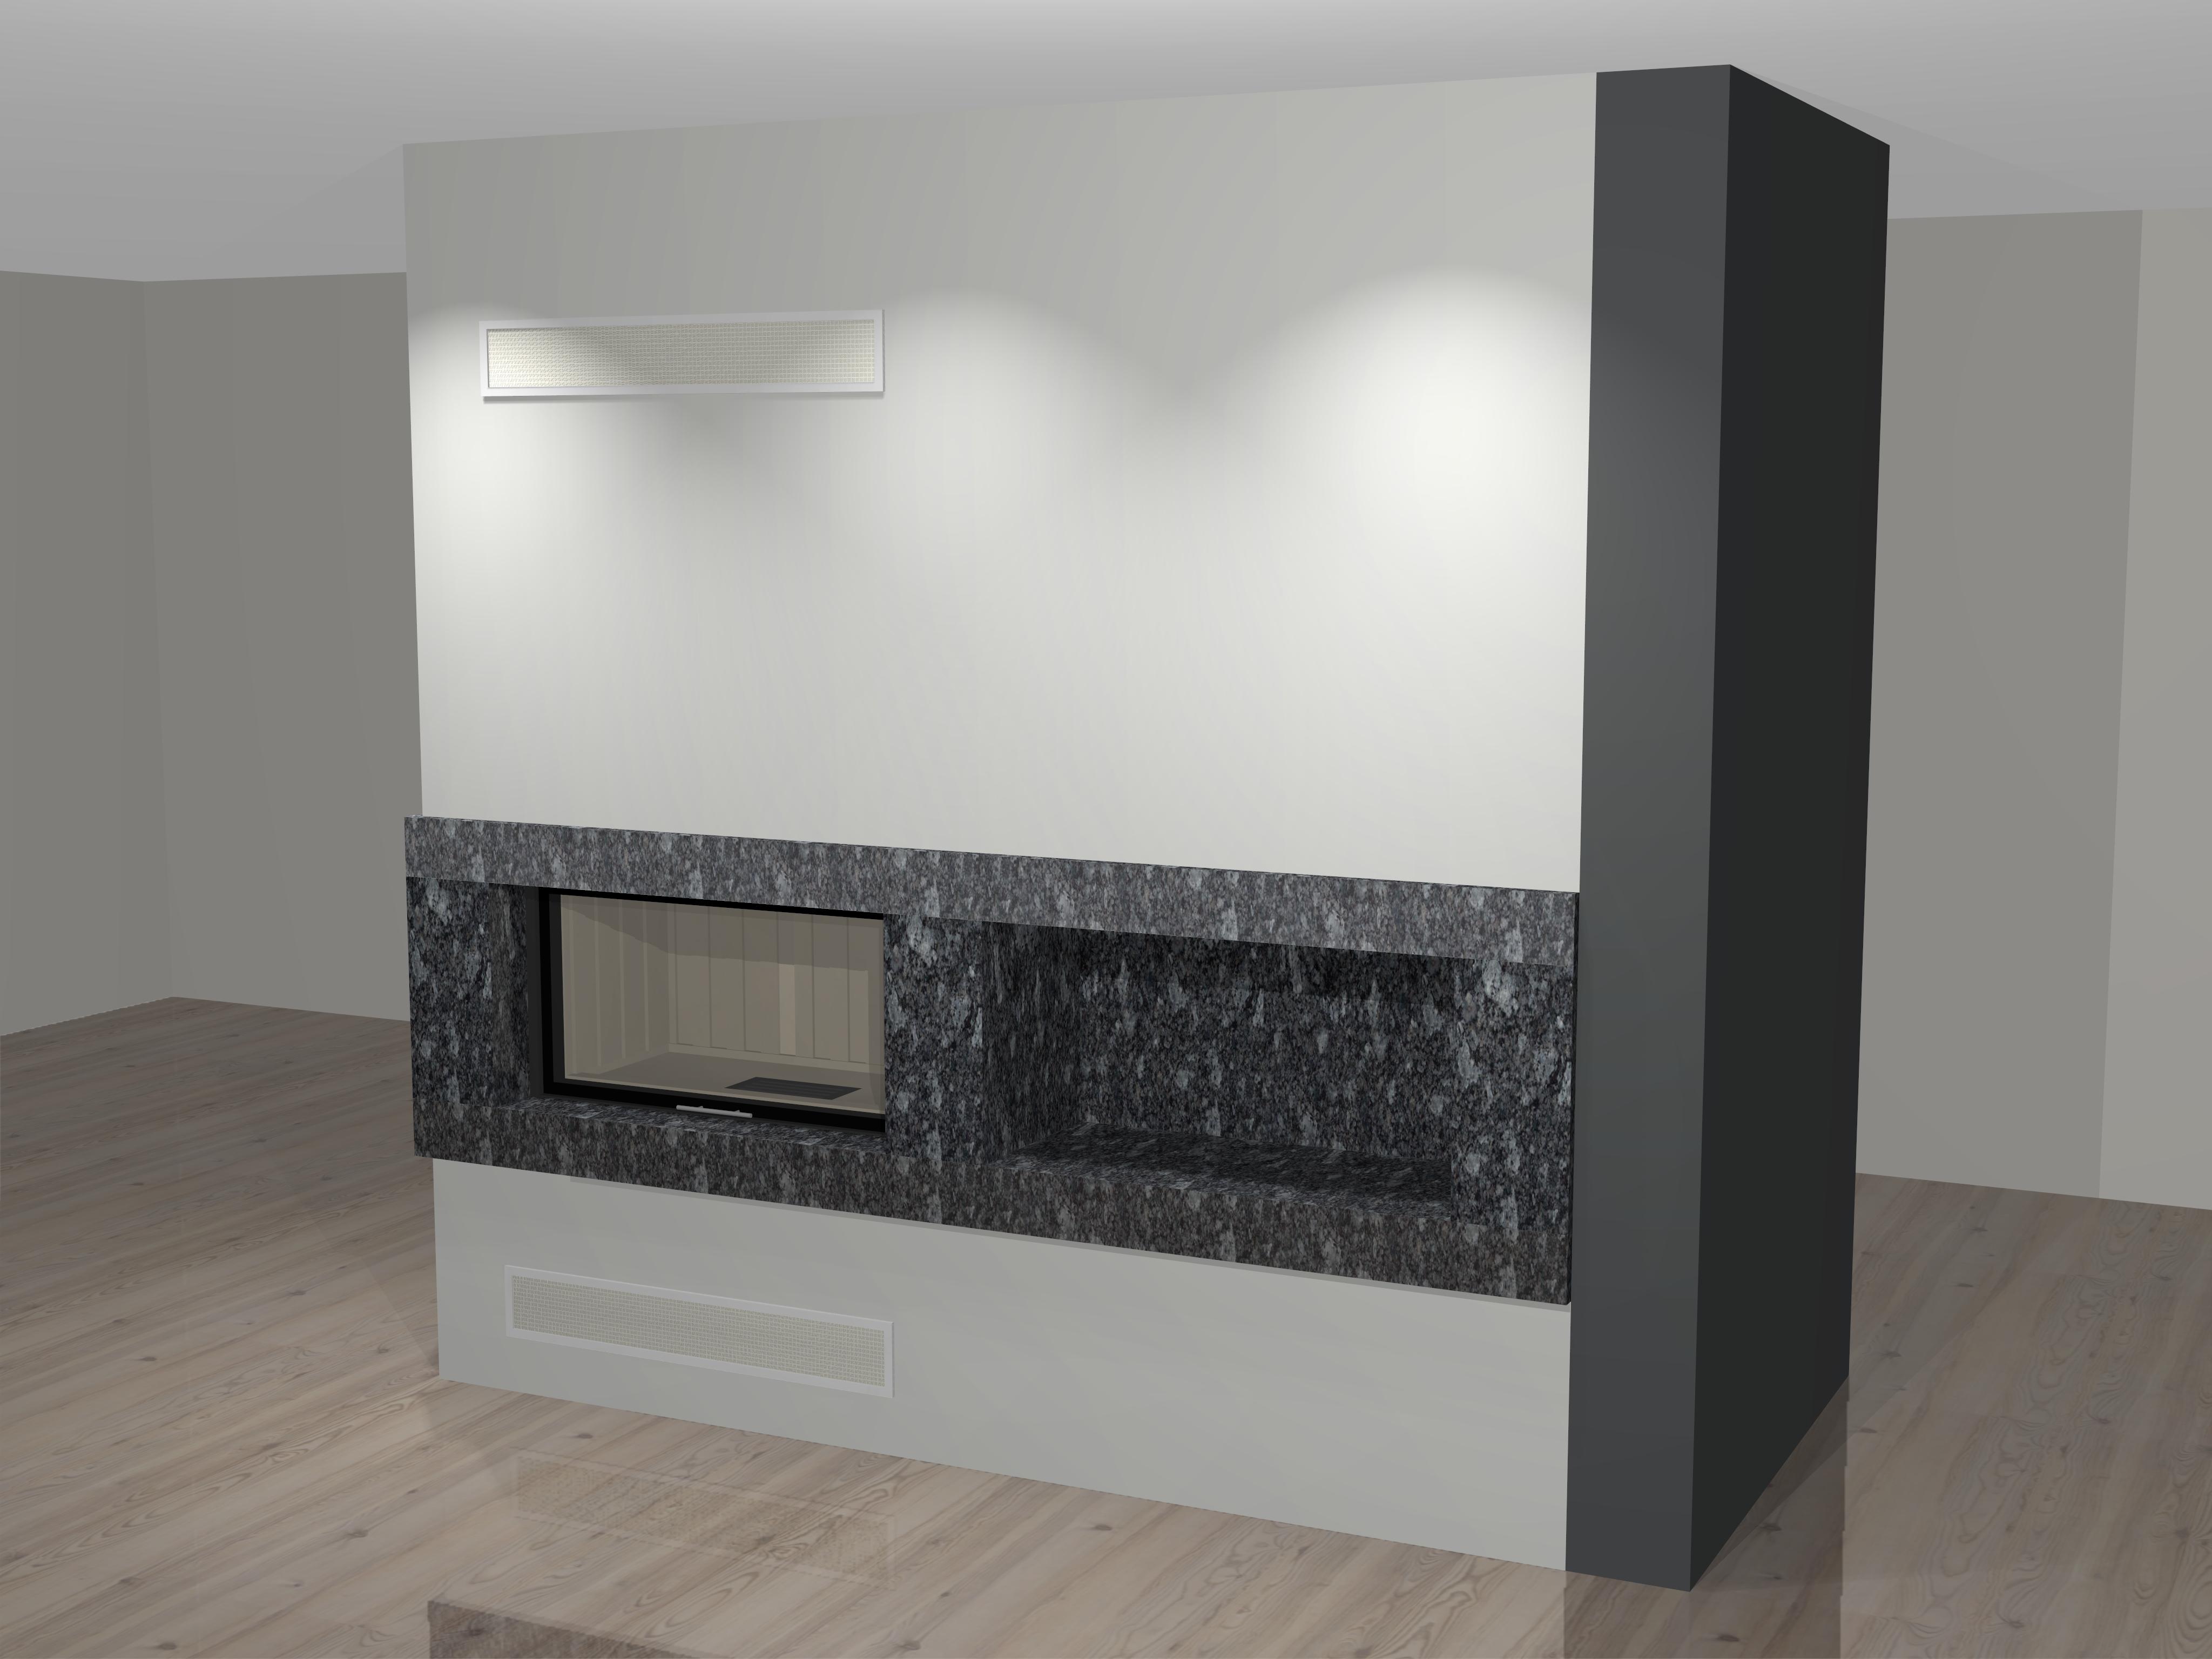 moderner kamin a 12 1 mit spartherm mit montage. Black Bedroom Furniture Sets. Home Design Ideas